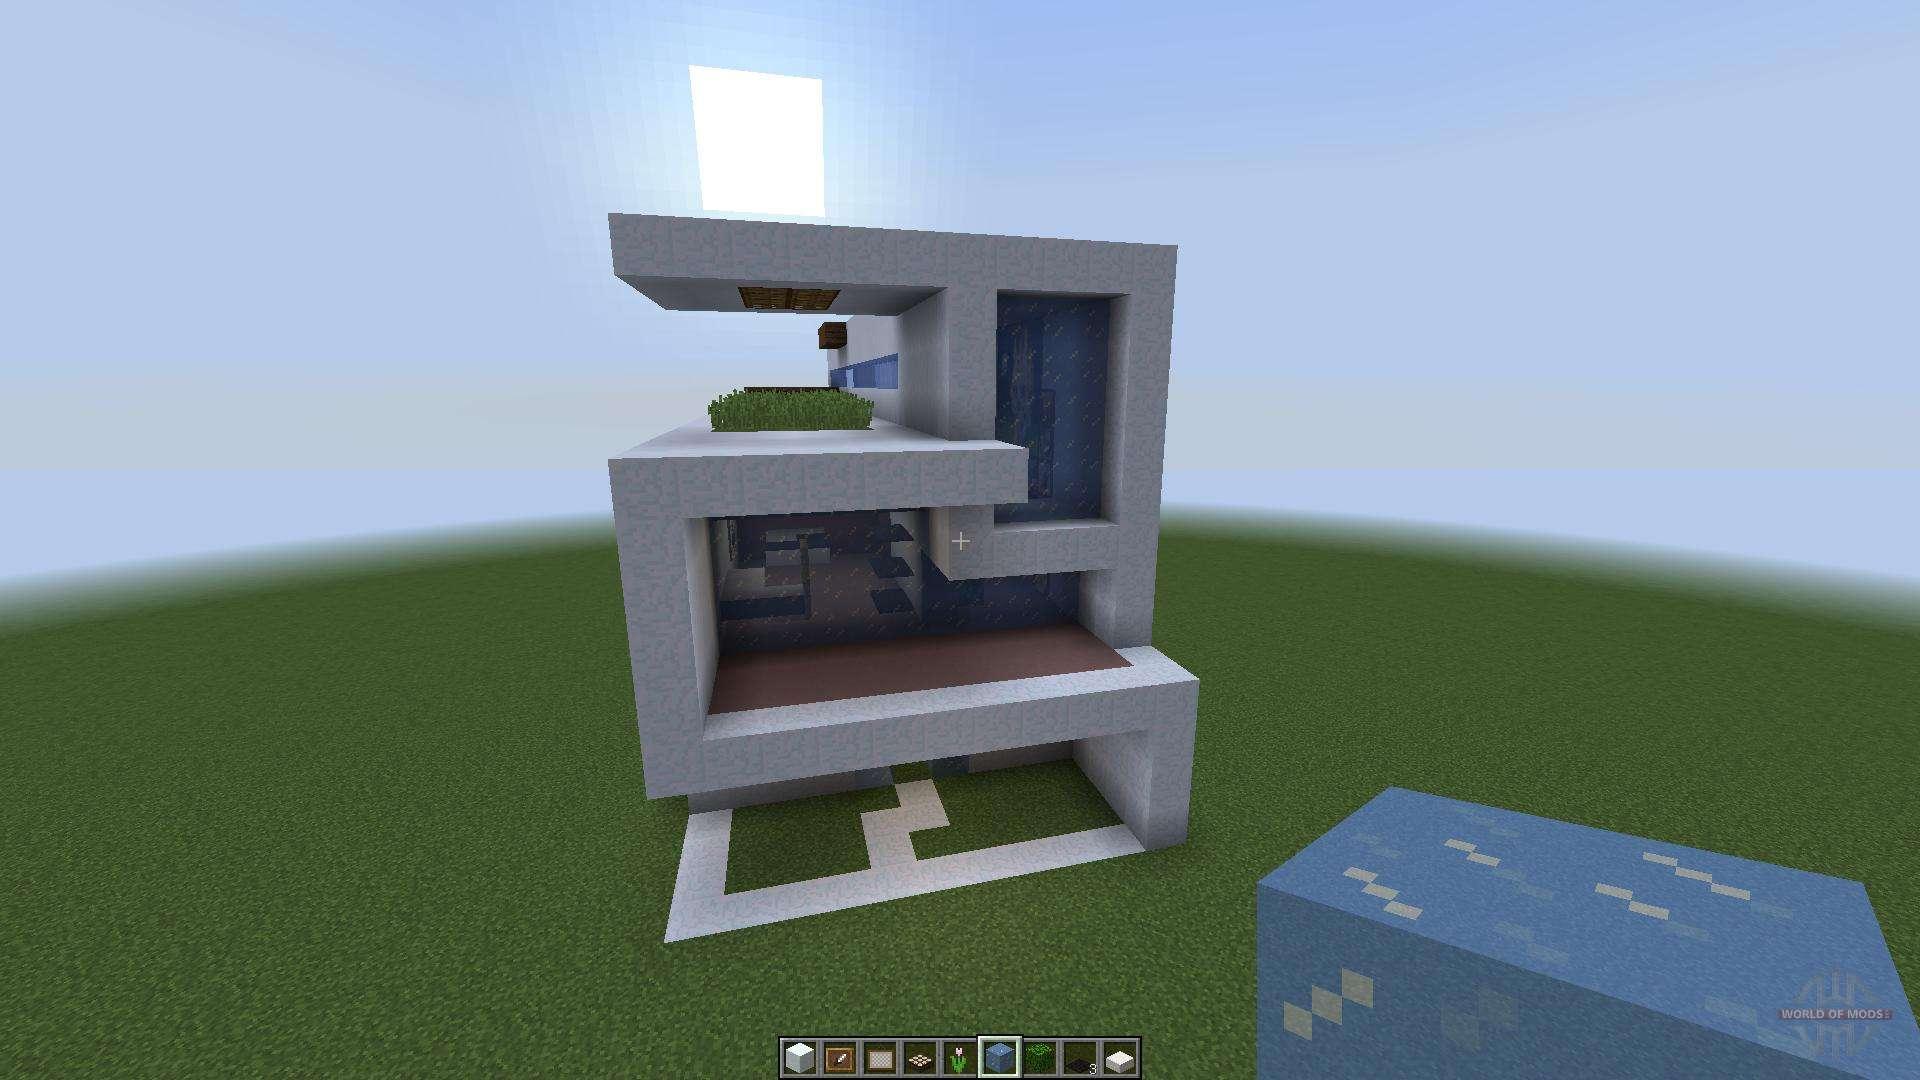 инструкция как сделать модерн хаус в маинкравте